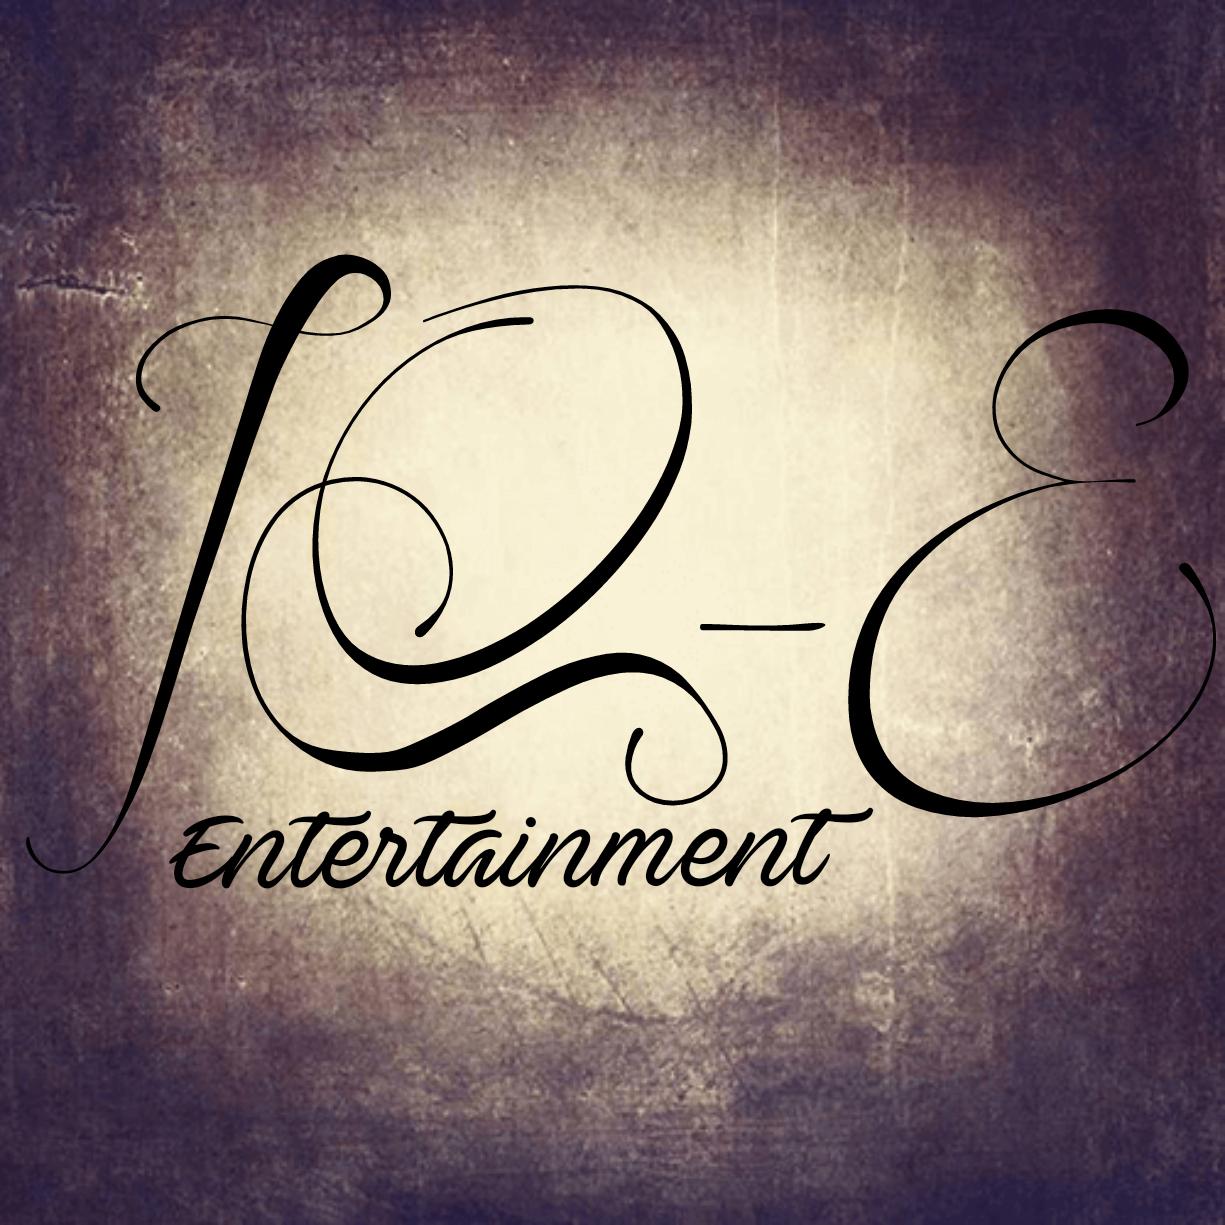 IQ-E Entertainment